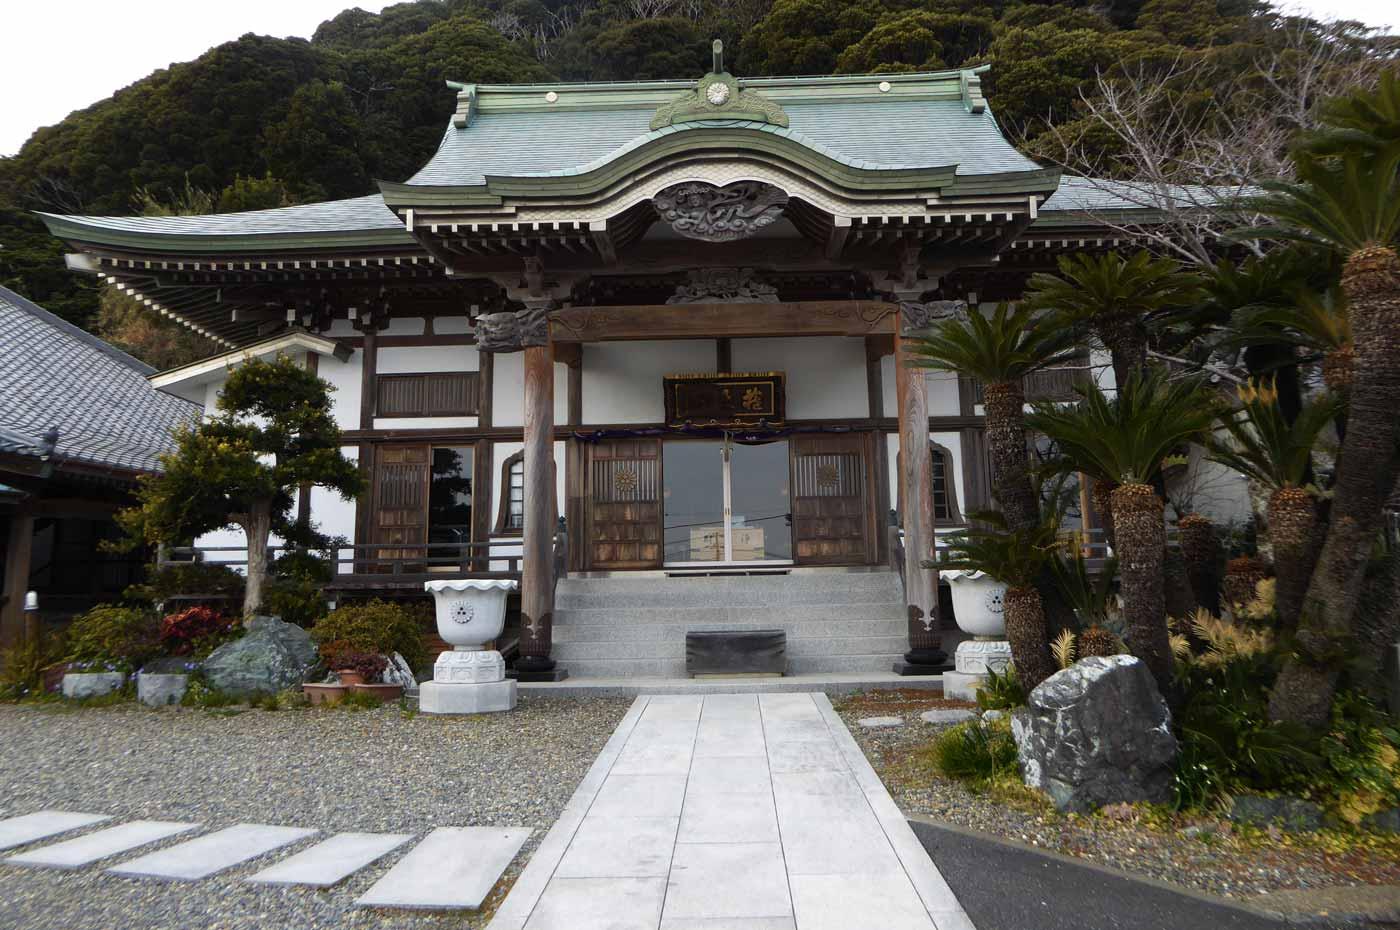 萬福寺本堂の画像